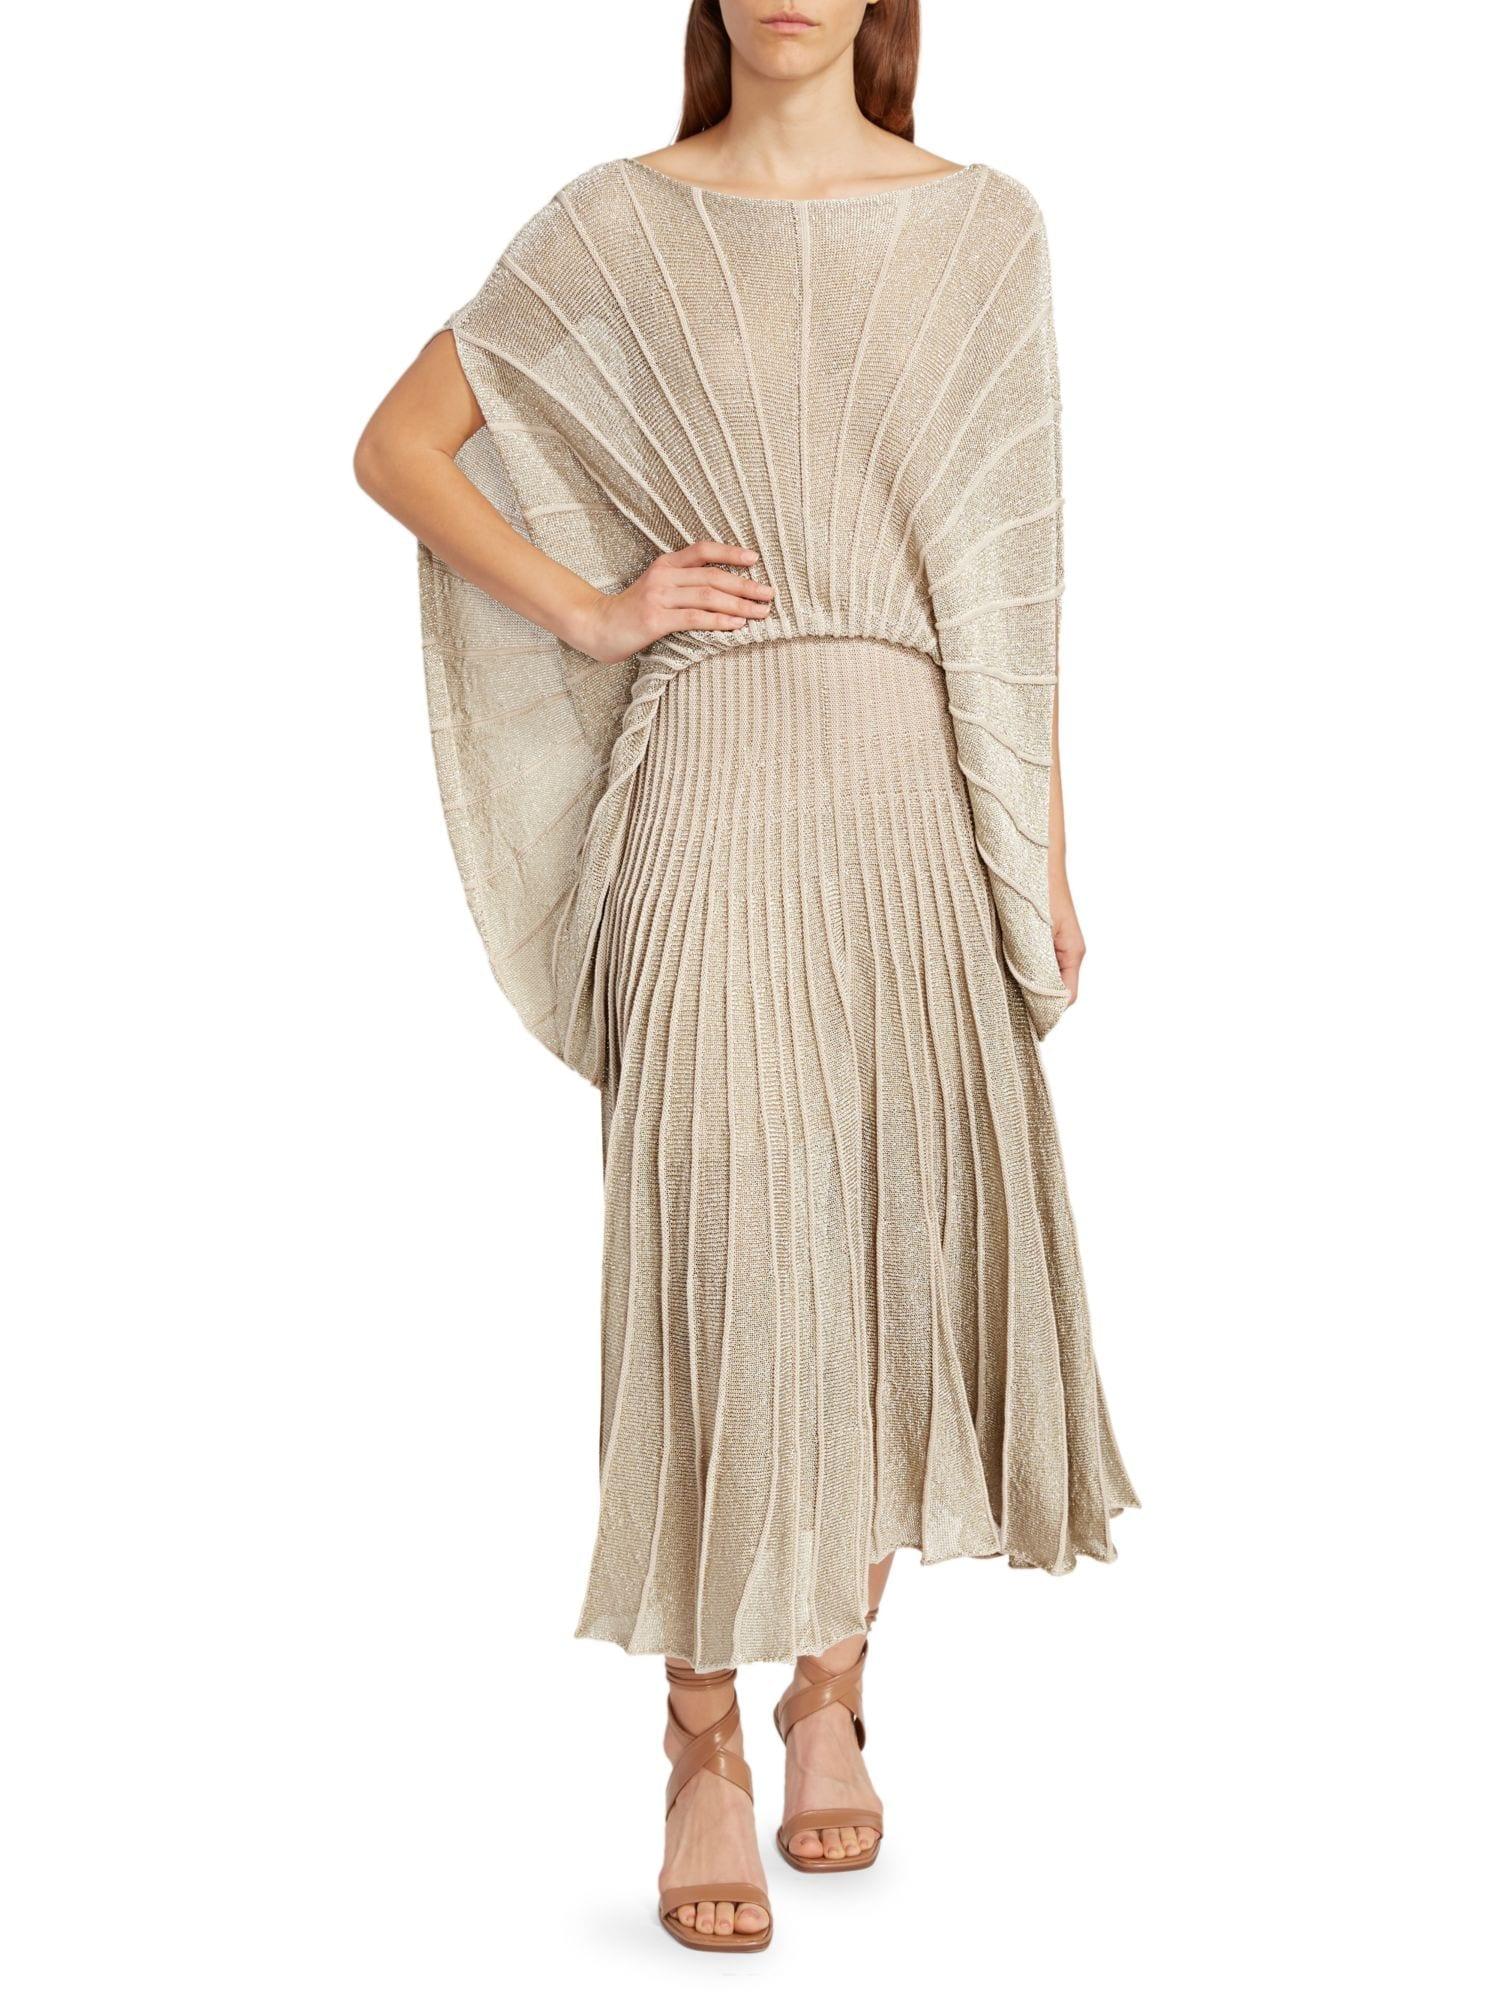 STELLA MCCARTNEY Shine Stripes Lurex Cape Blouson Midi Dress